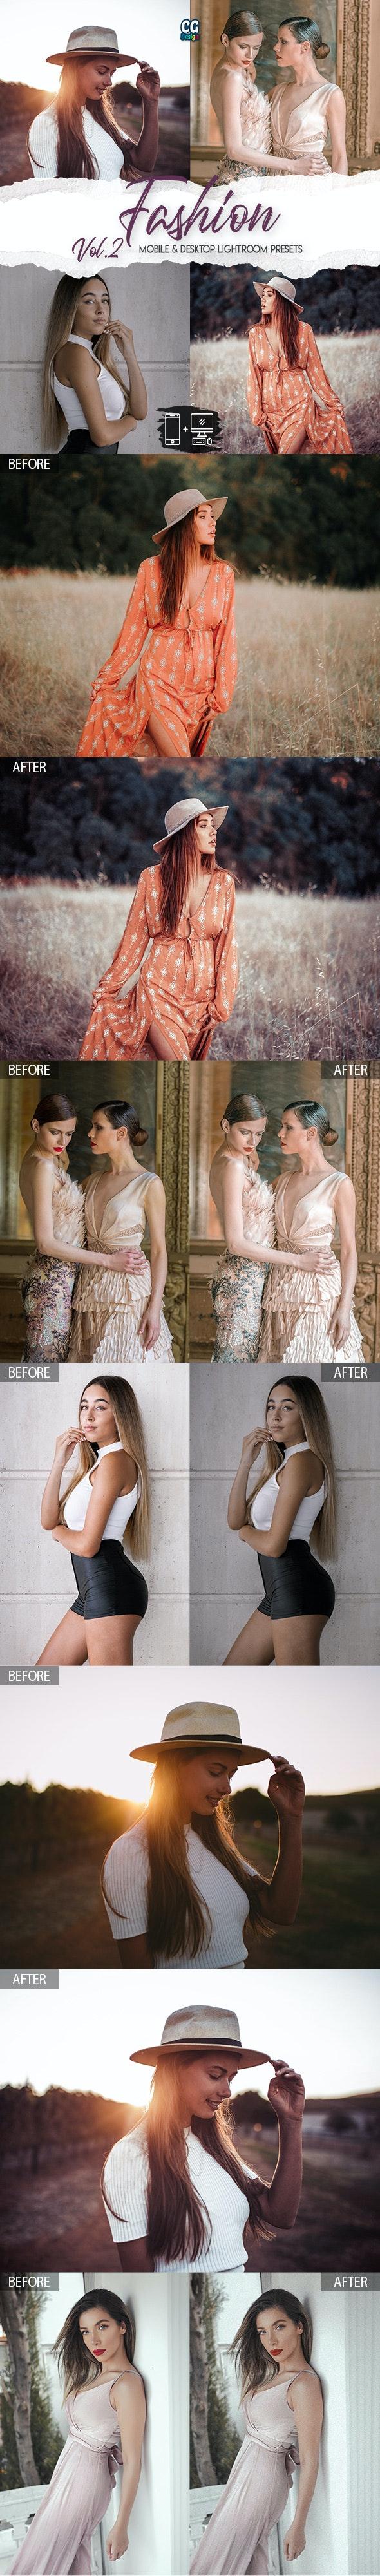 Fashion Lightroom Presets Vol. 2 - Lightroom Presets Add-ons